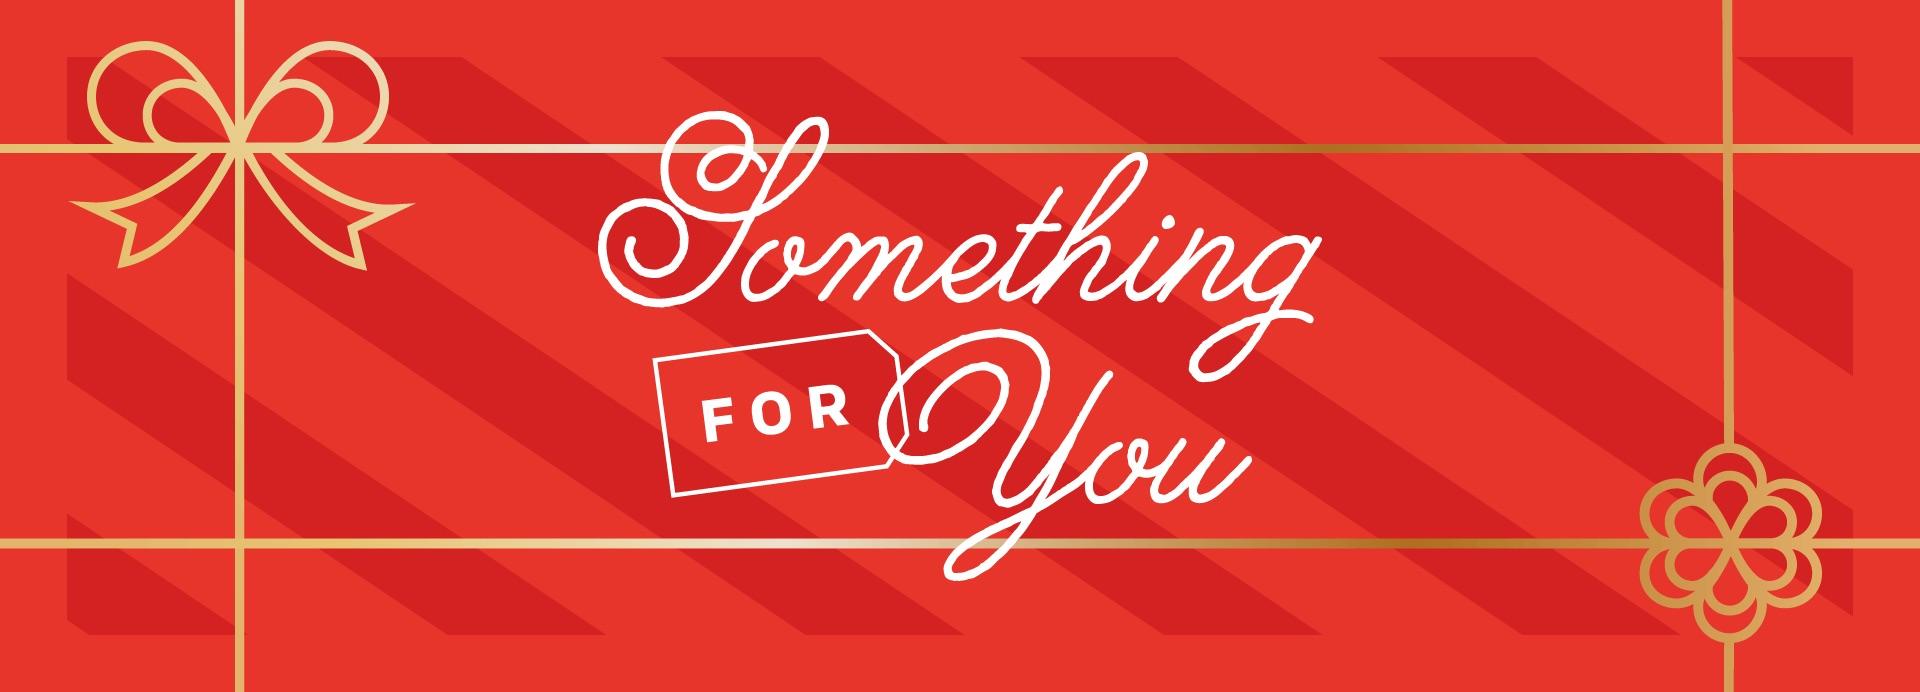 Something for You - App 1920x692 (JPG)